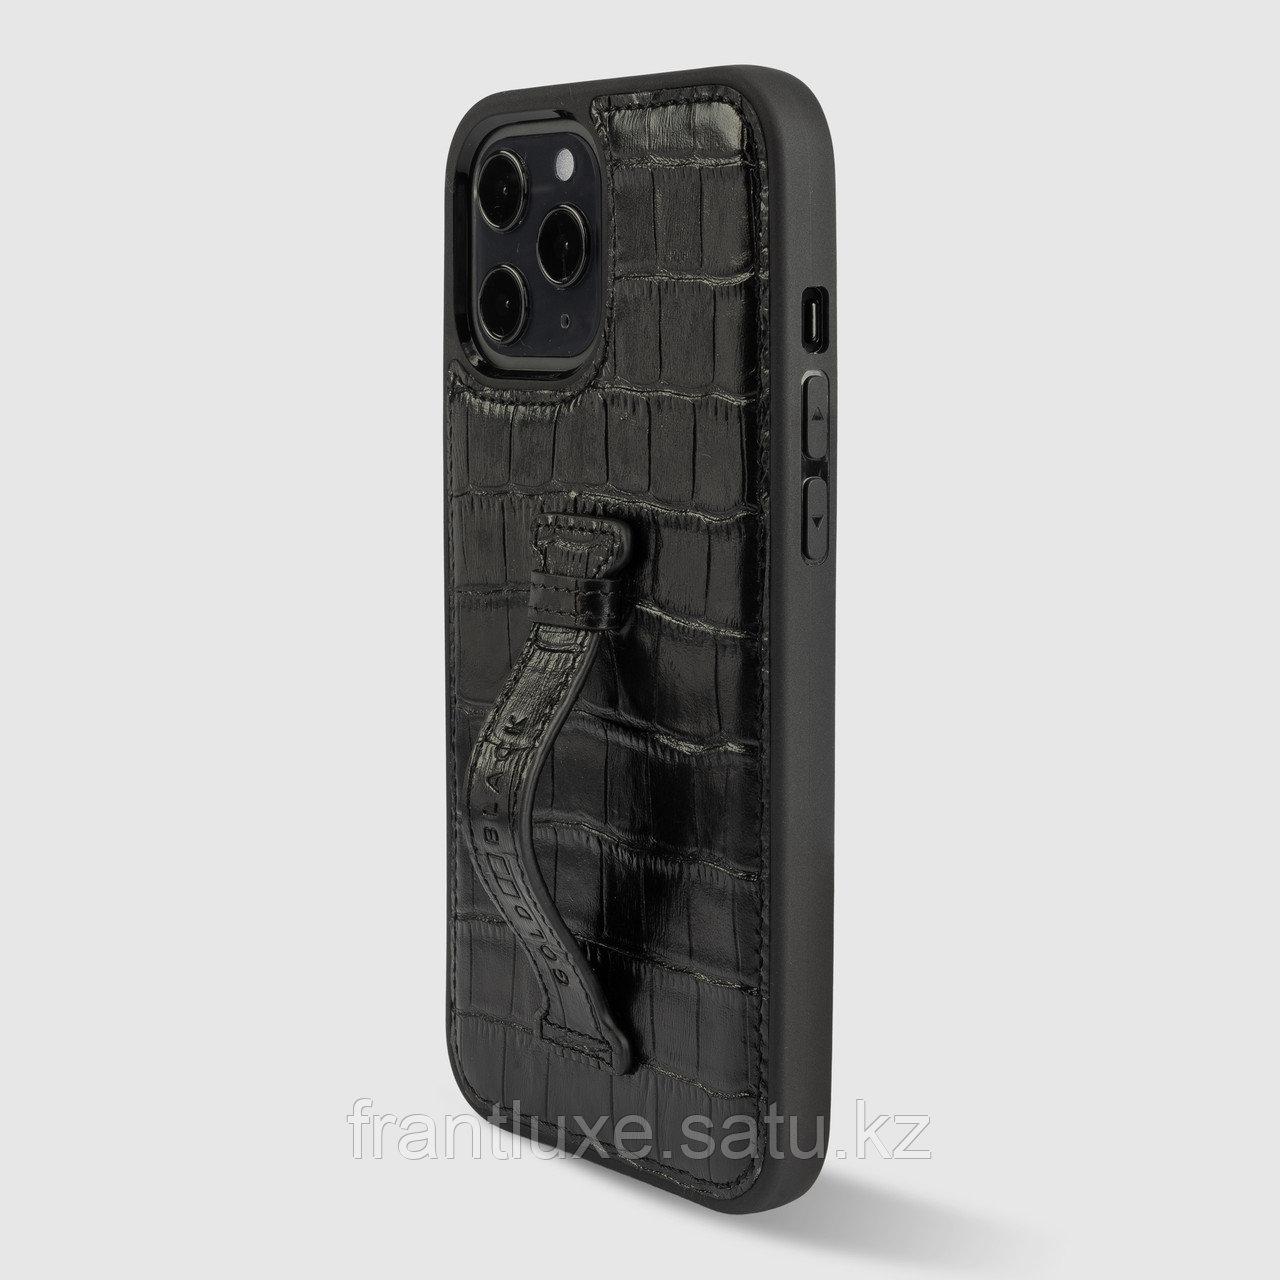 Чехол для телефона iPhone 12 Pro Max с ремешком-держателем Croco чёрный - фото 1